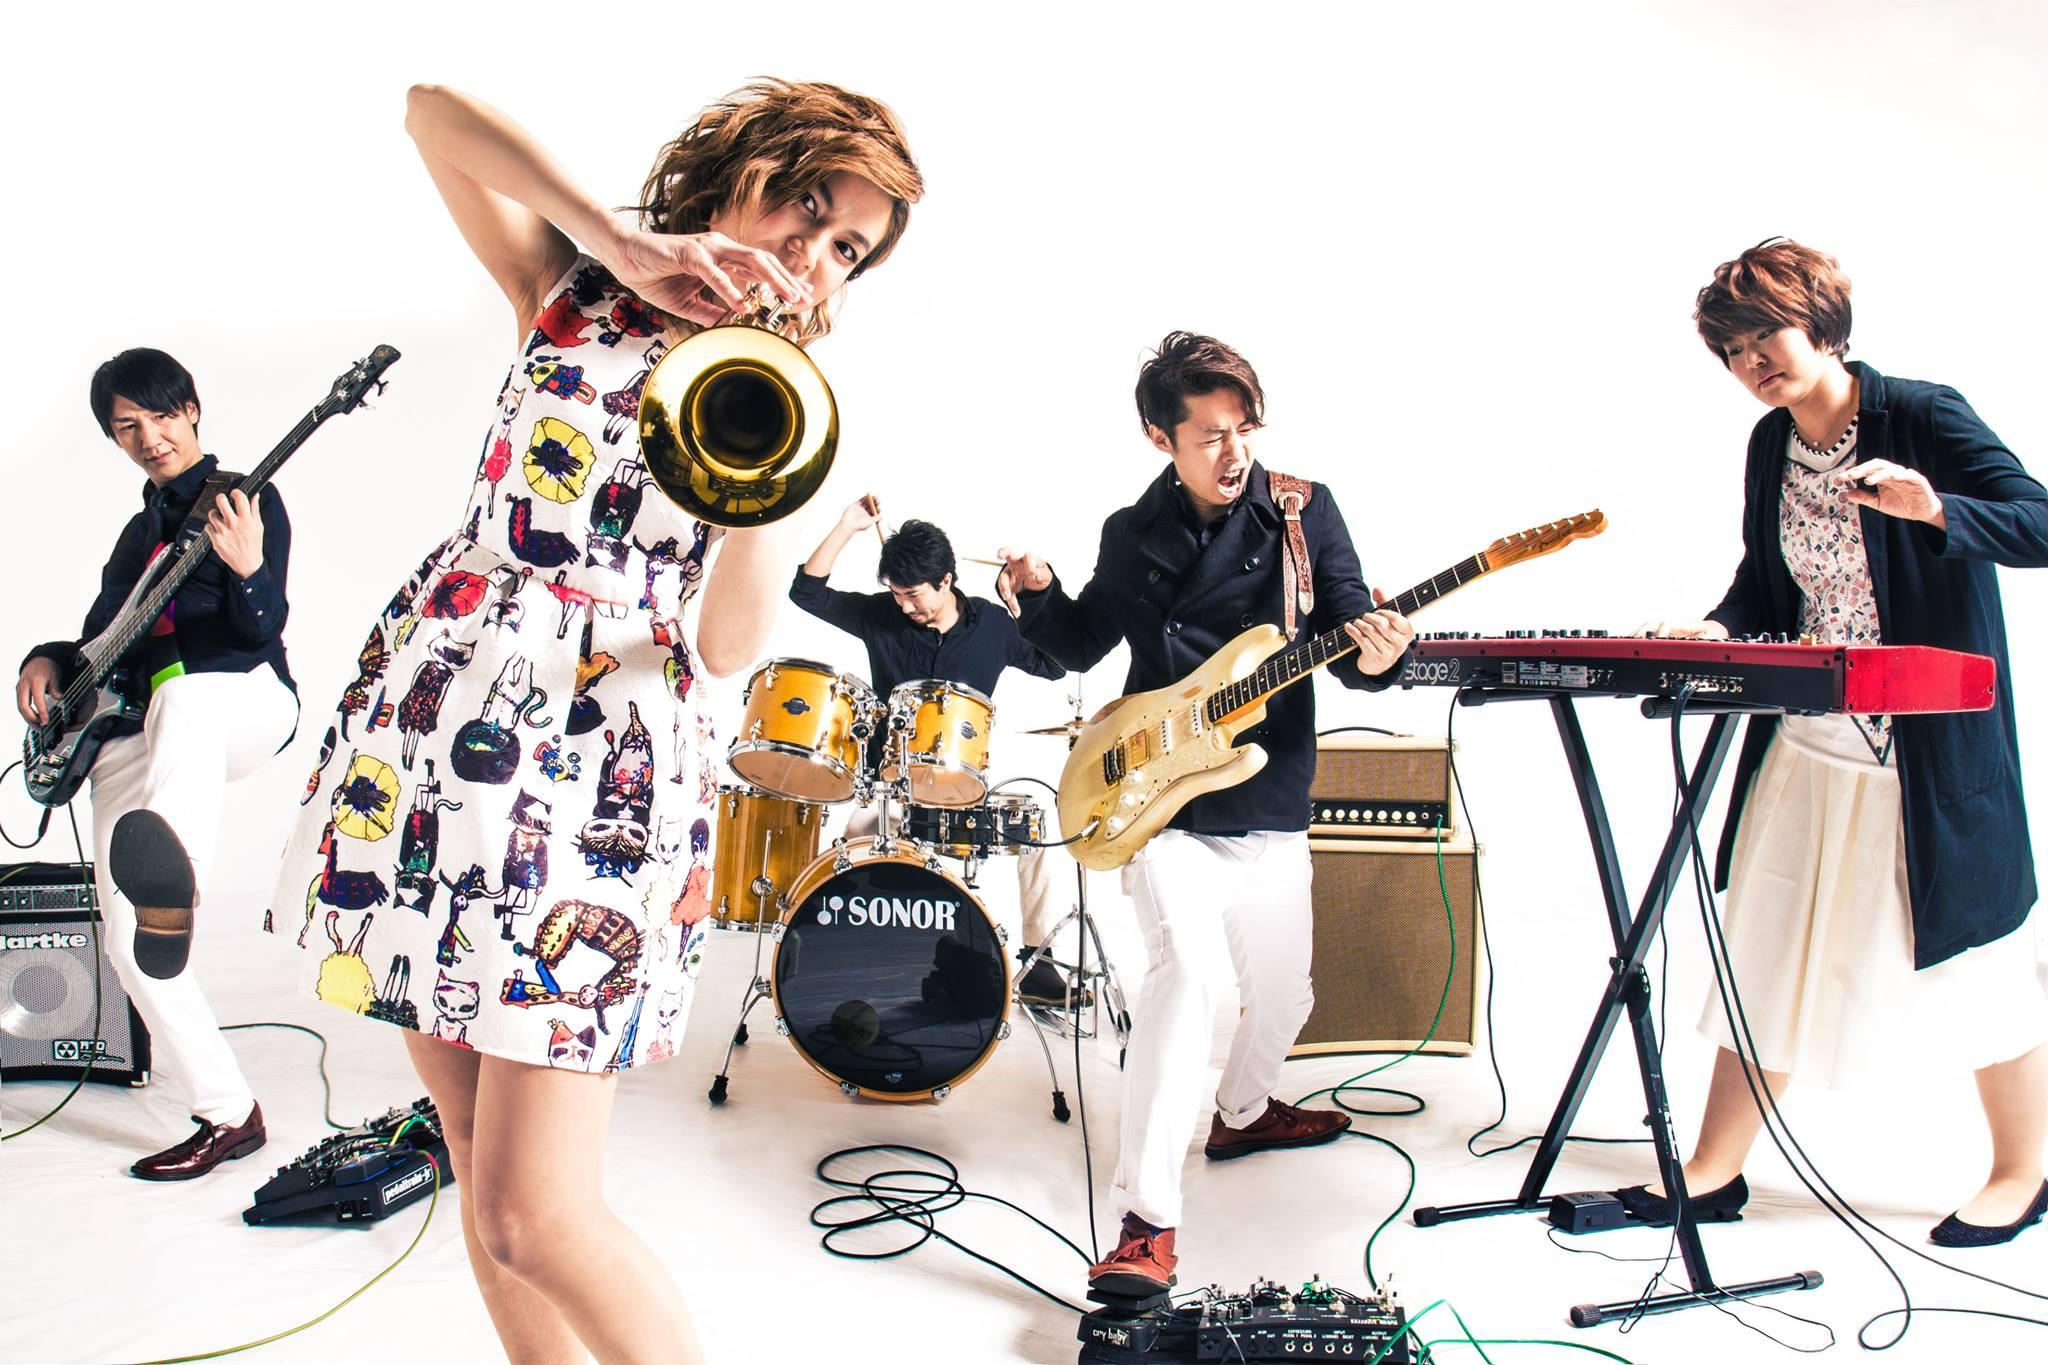 Chihiro Yamazaki and Route 14 Band